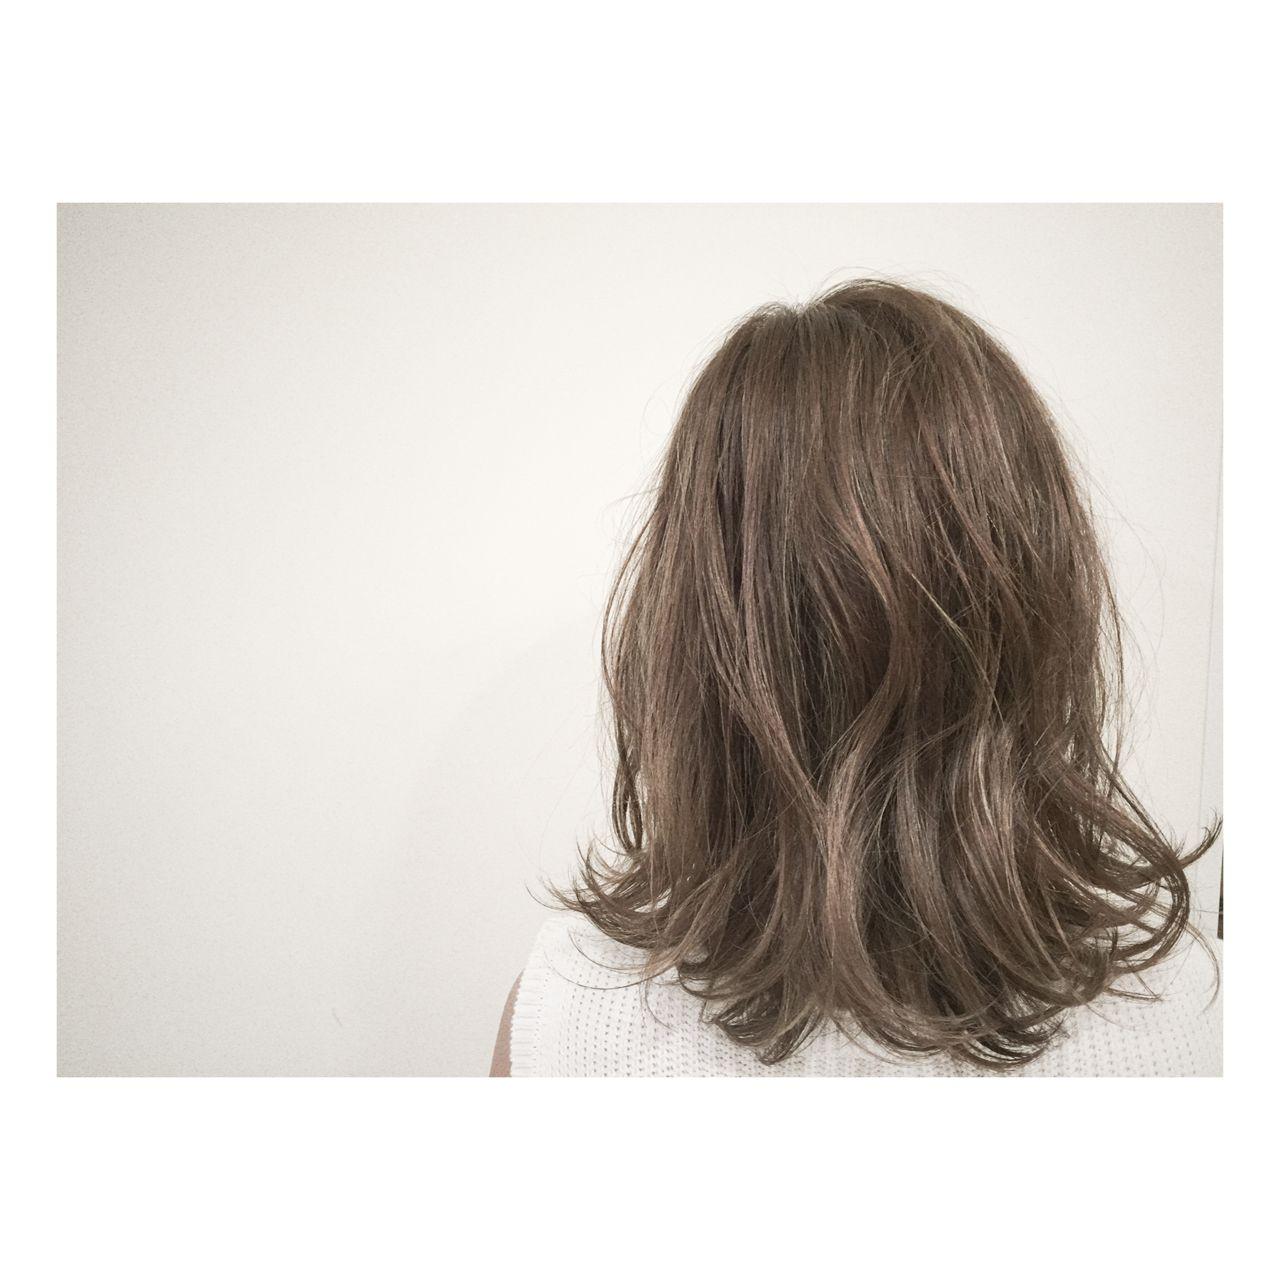 ストリート マルサラ ウェットヘア 外国人風 ヘアスタイルや髪型の写真・画像 | 宮城哲也 / シャンドゥールプレミアム